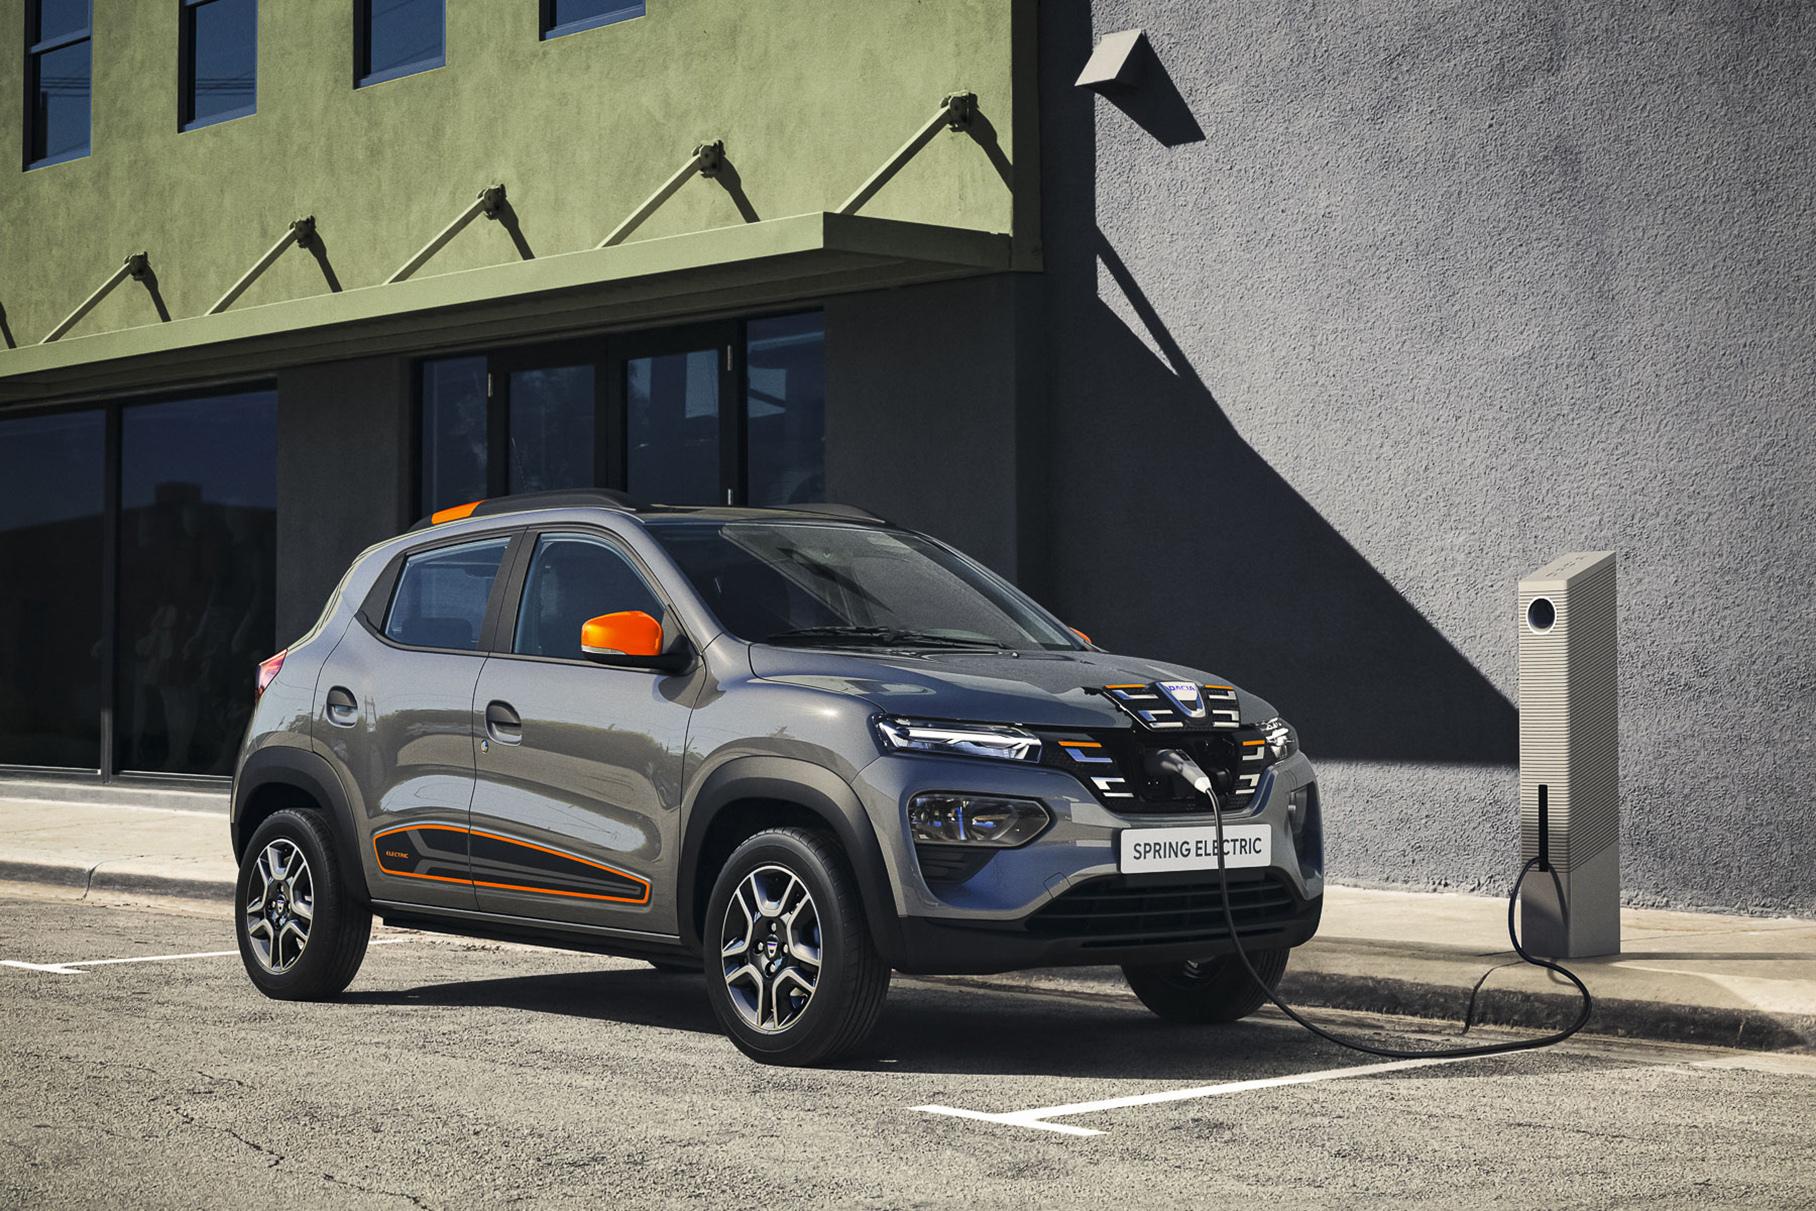 Dacia представила электрокар Spring. Он может стать самым дешёвым в Европе